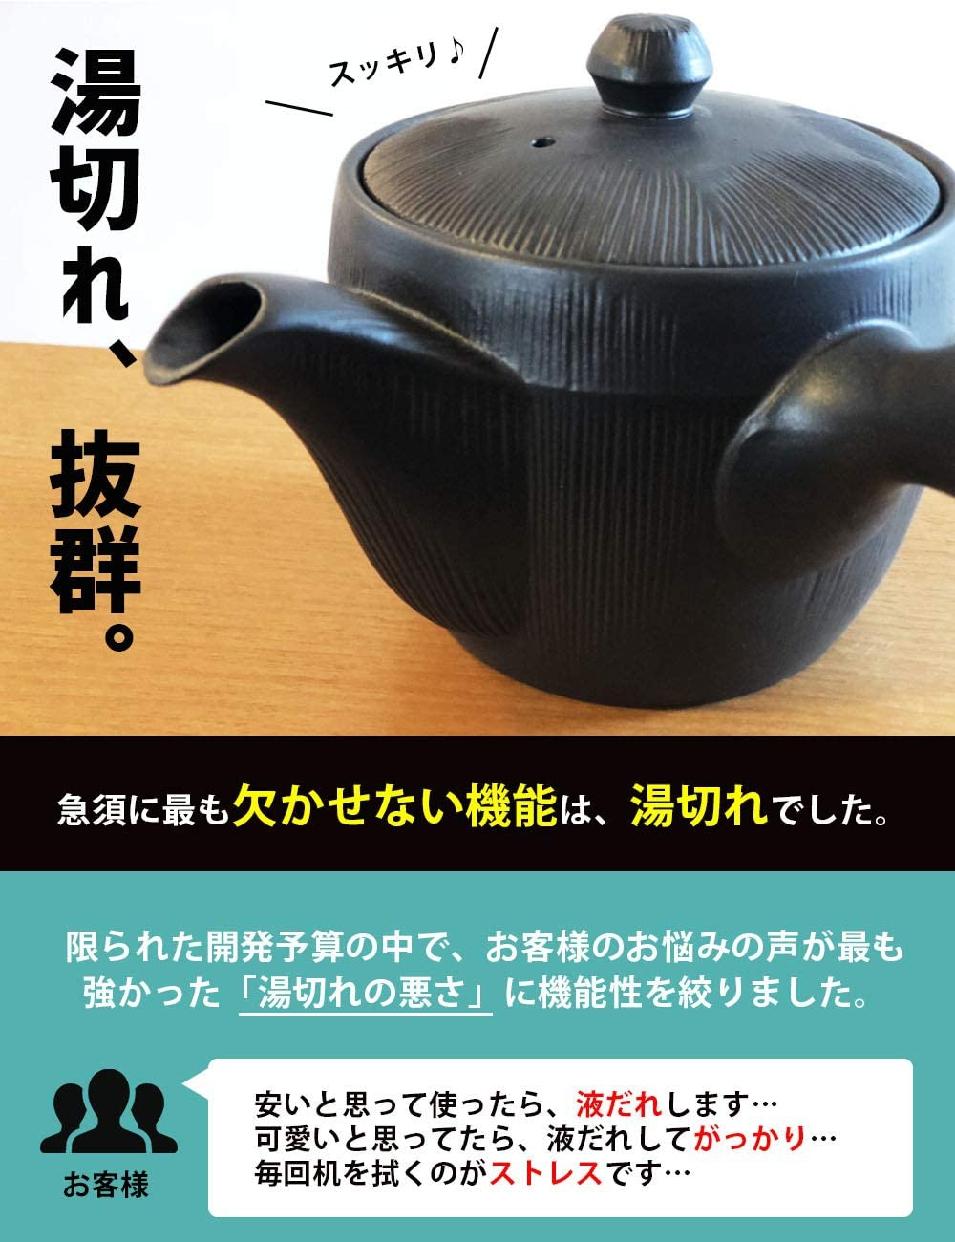 きつさこ 味がまろやかになる 湯キレ急須 萬古焼き 黒の商品画像5